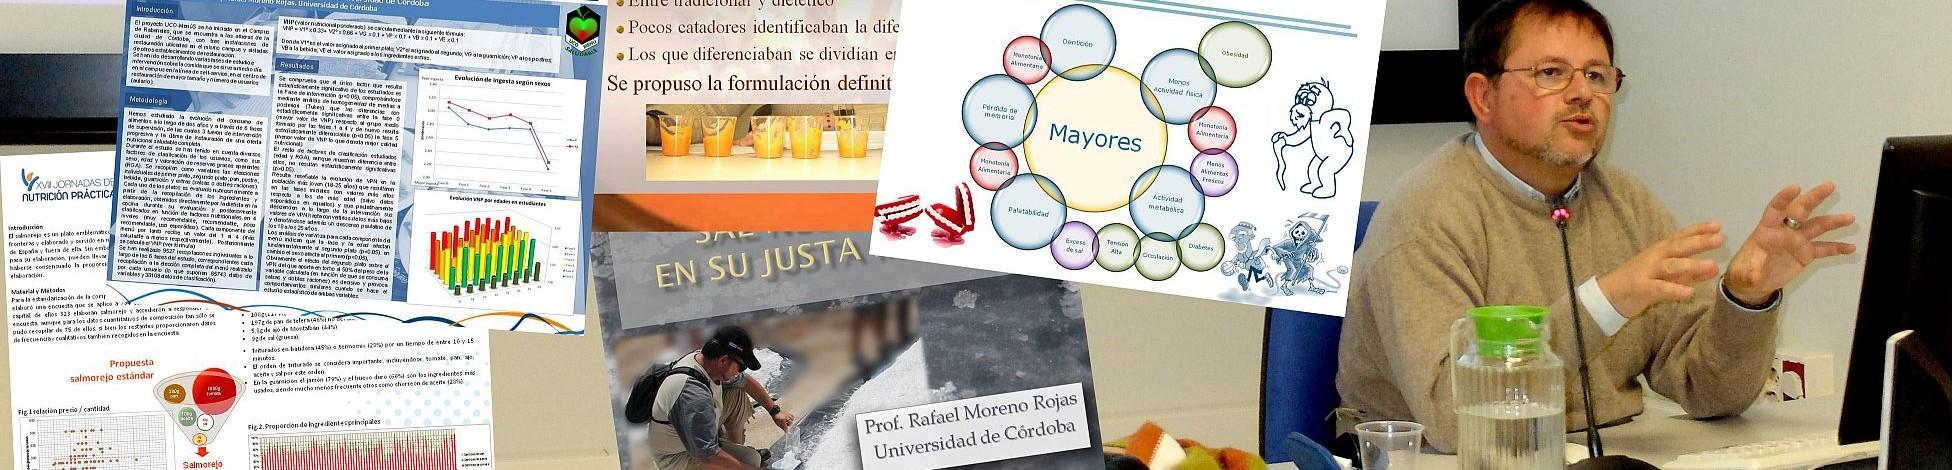 Web de Rafael Moreno Rojas